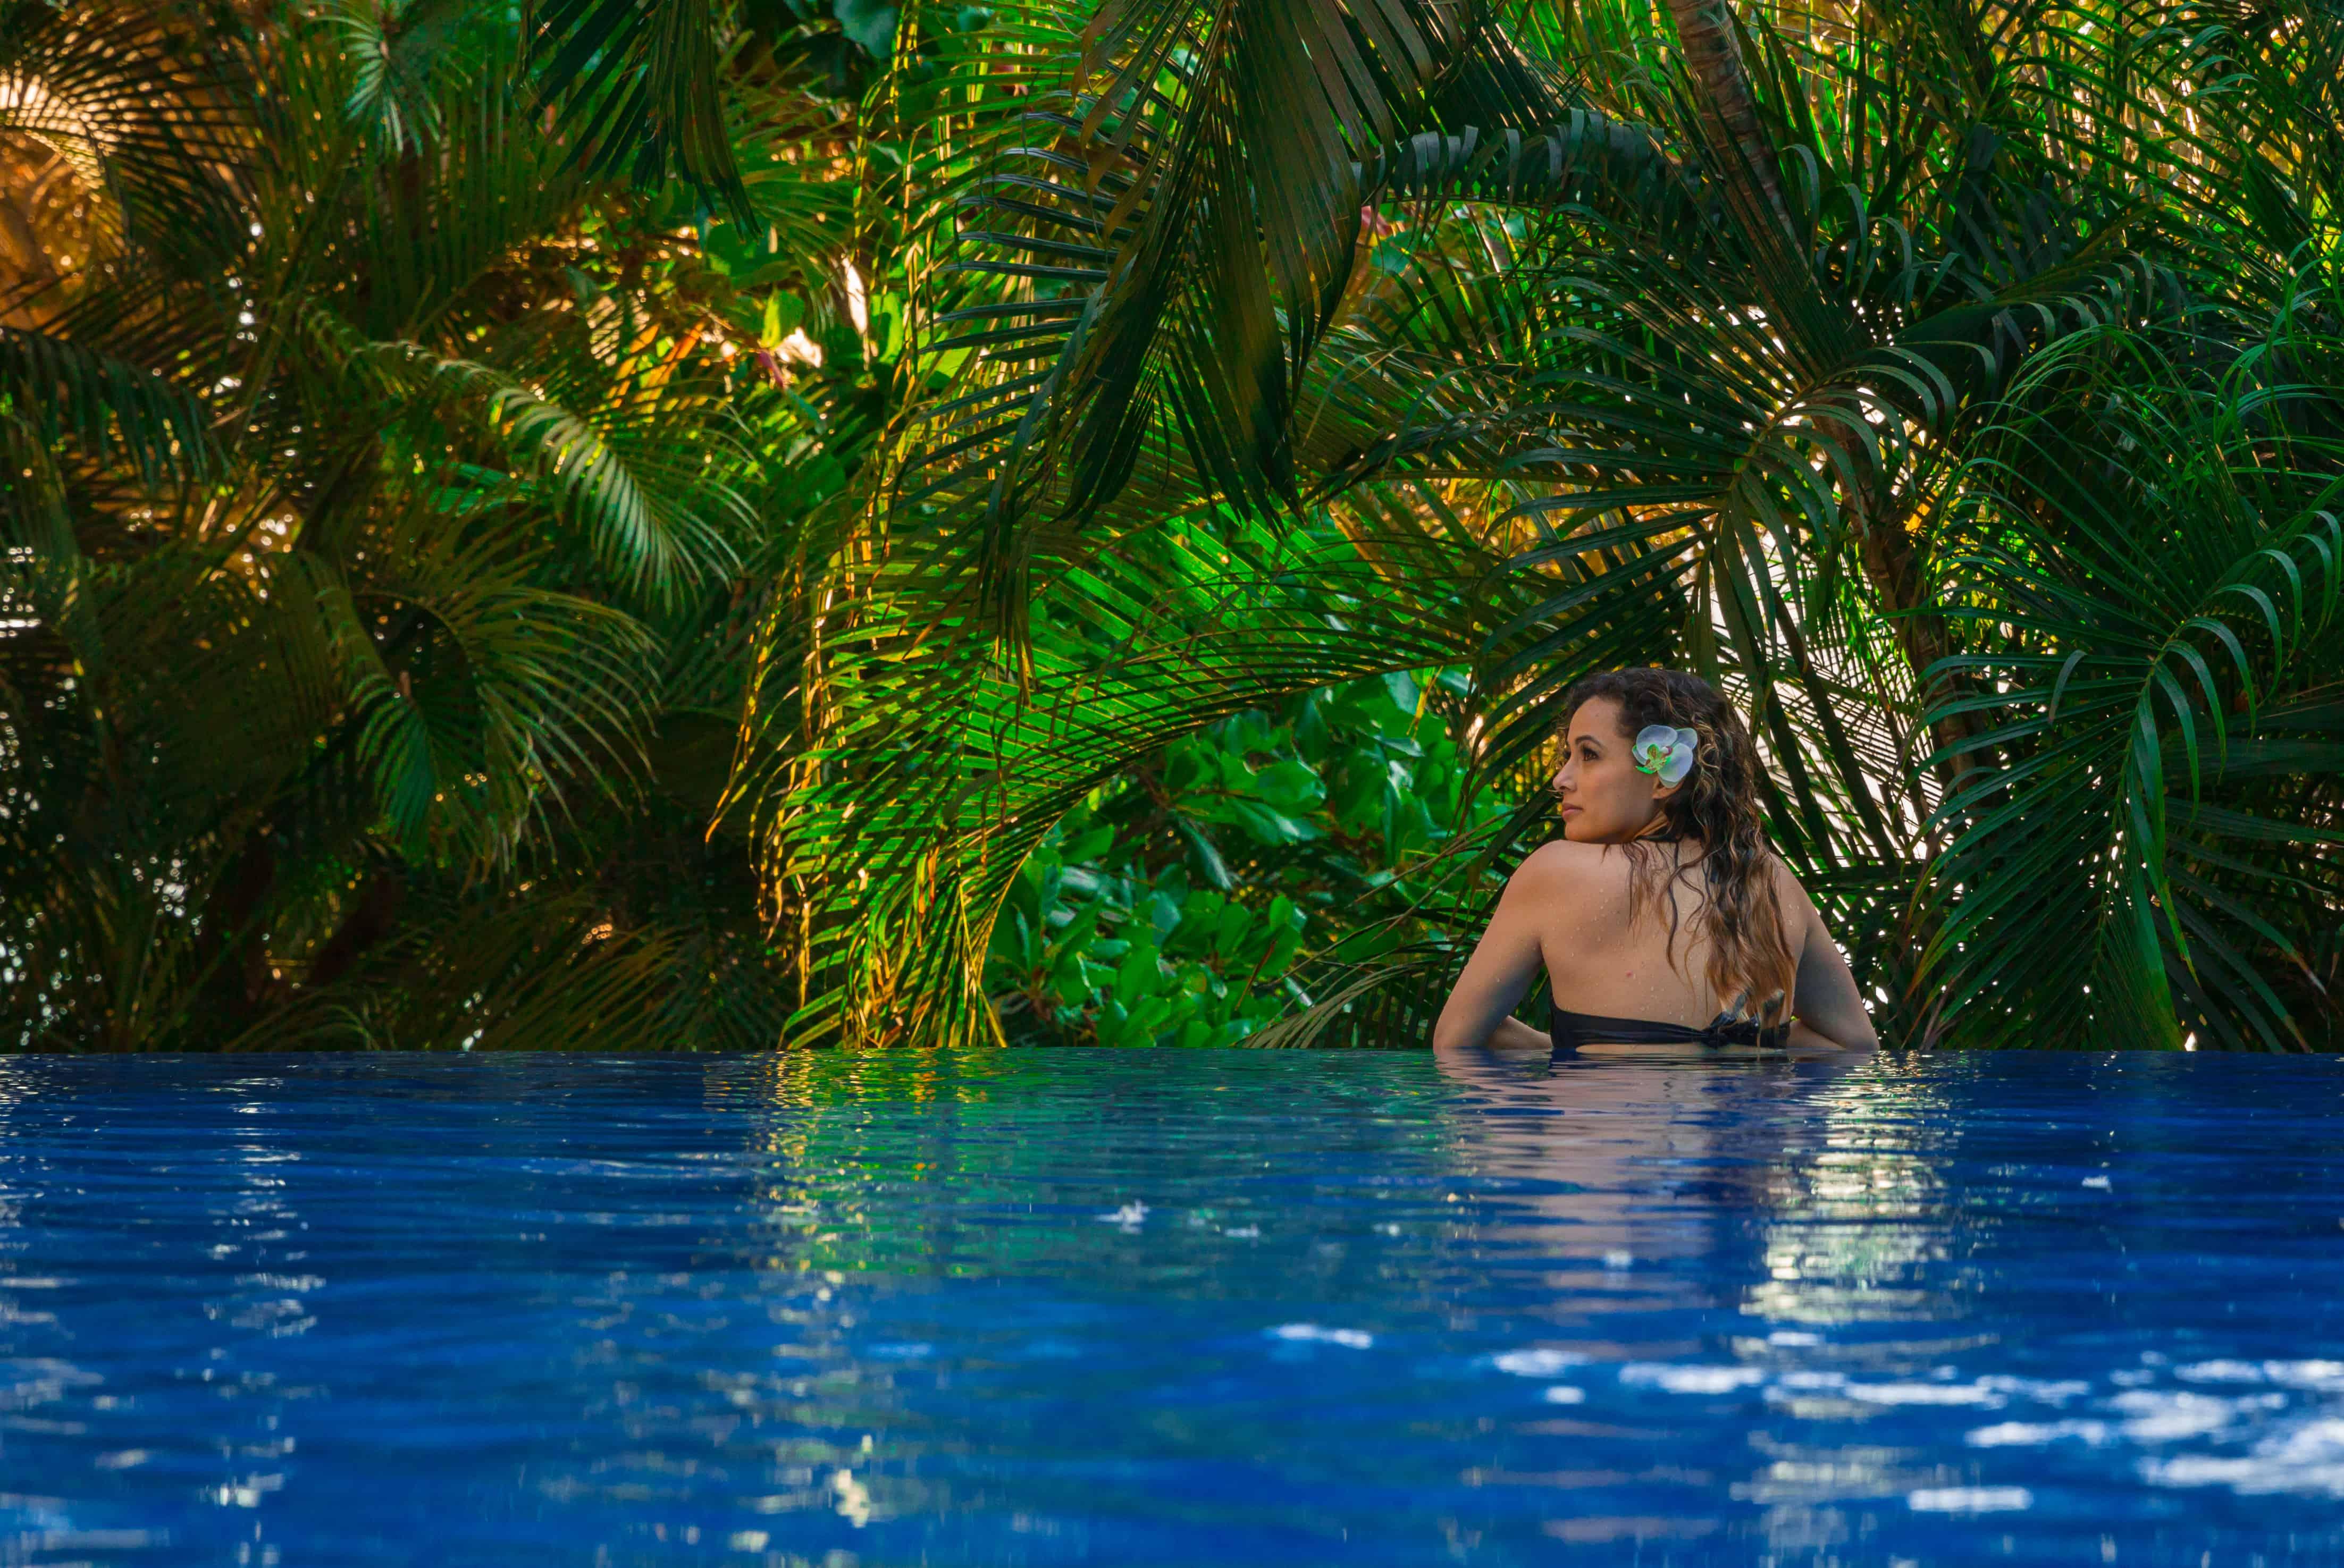 Villa Amor: An eclectic getaway along the Riviera Nayarit